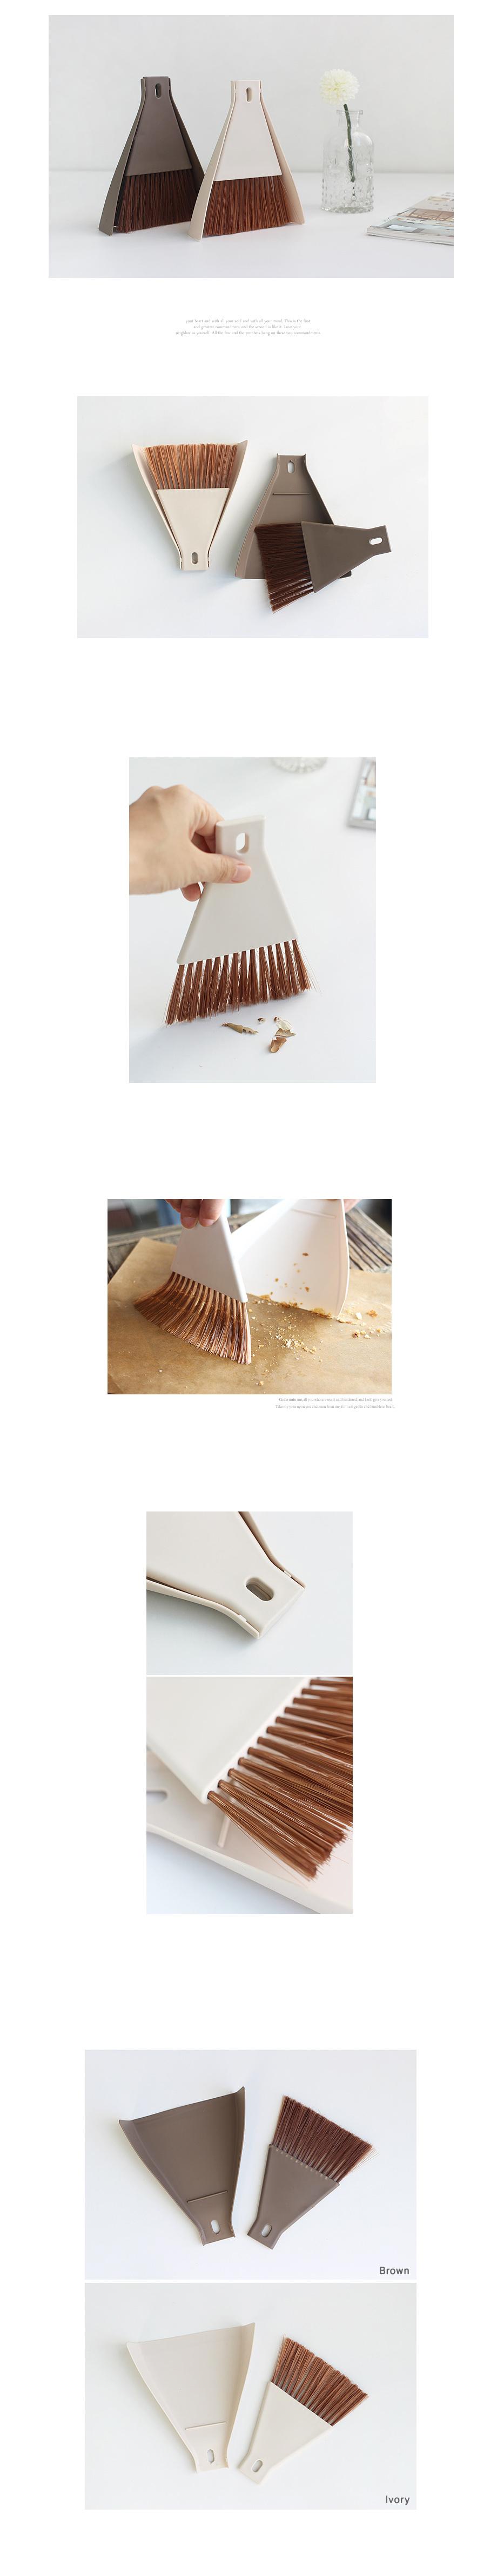 미니 빗자루 세트 1P (2color) - 꾸미까, 4,200원, 청소도구, 밀대패드